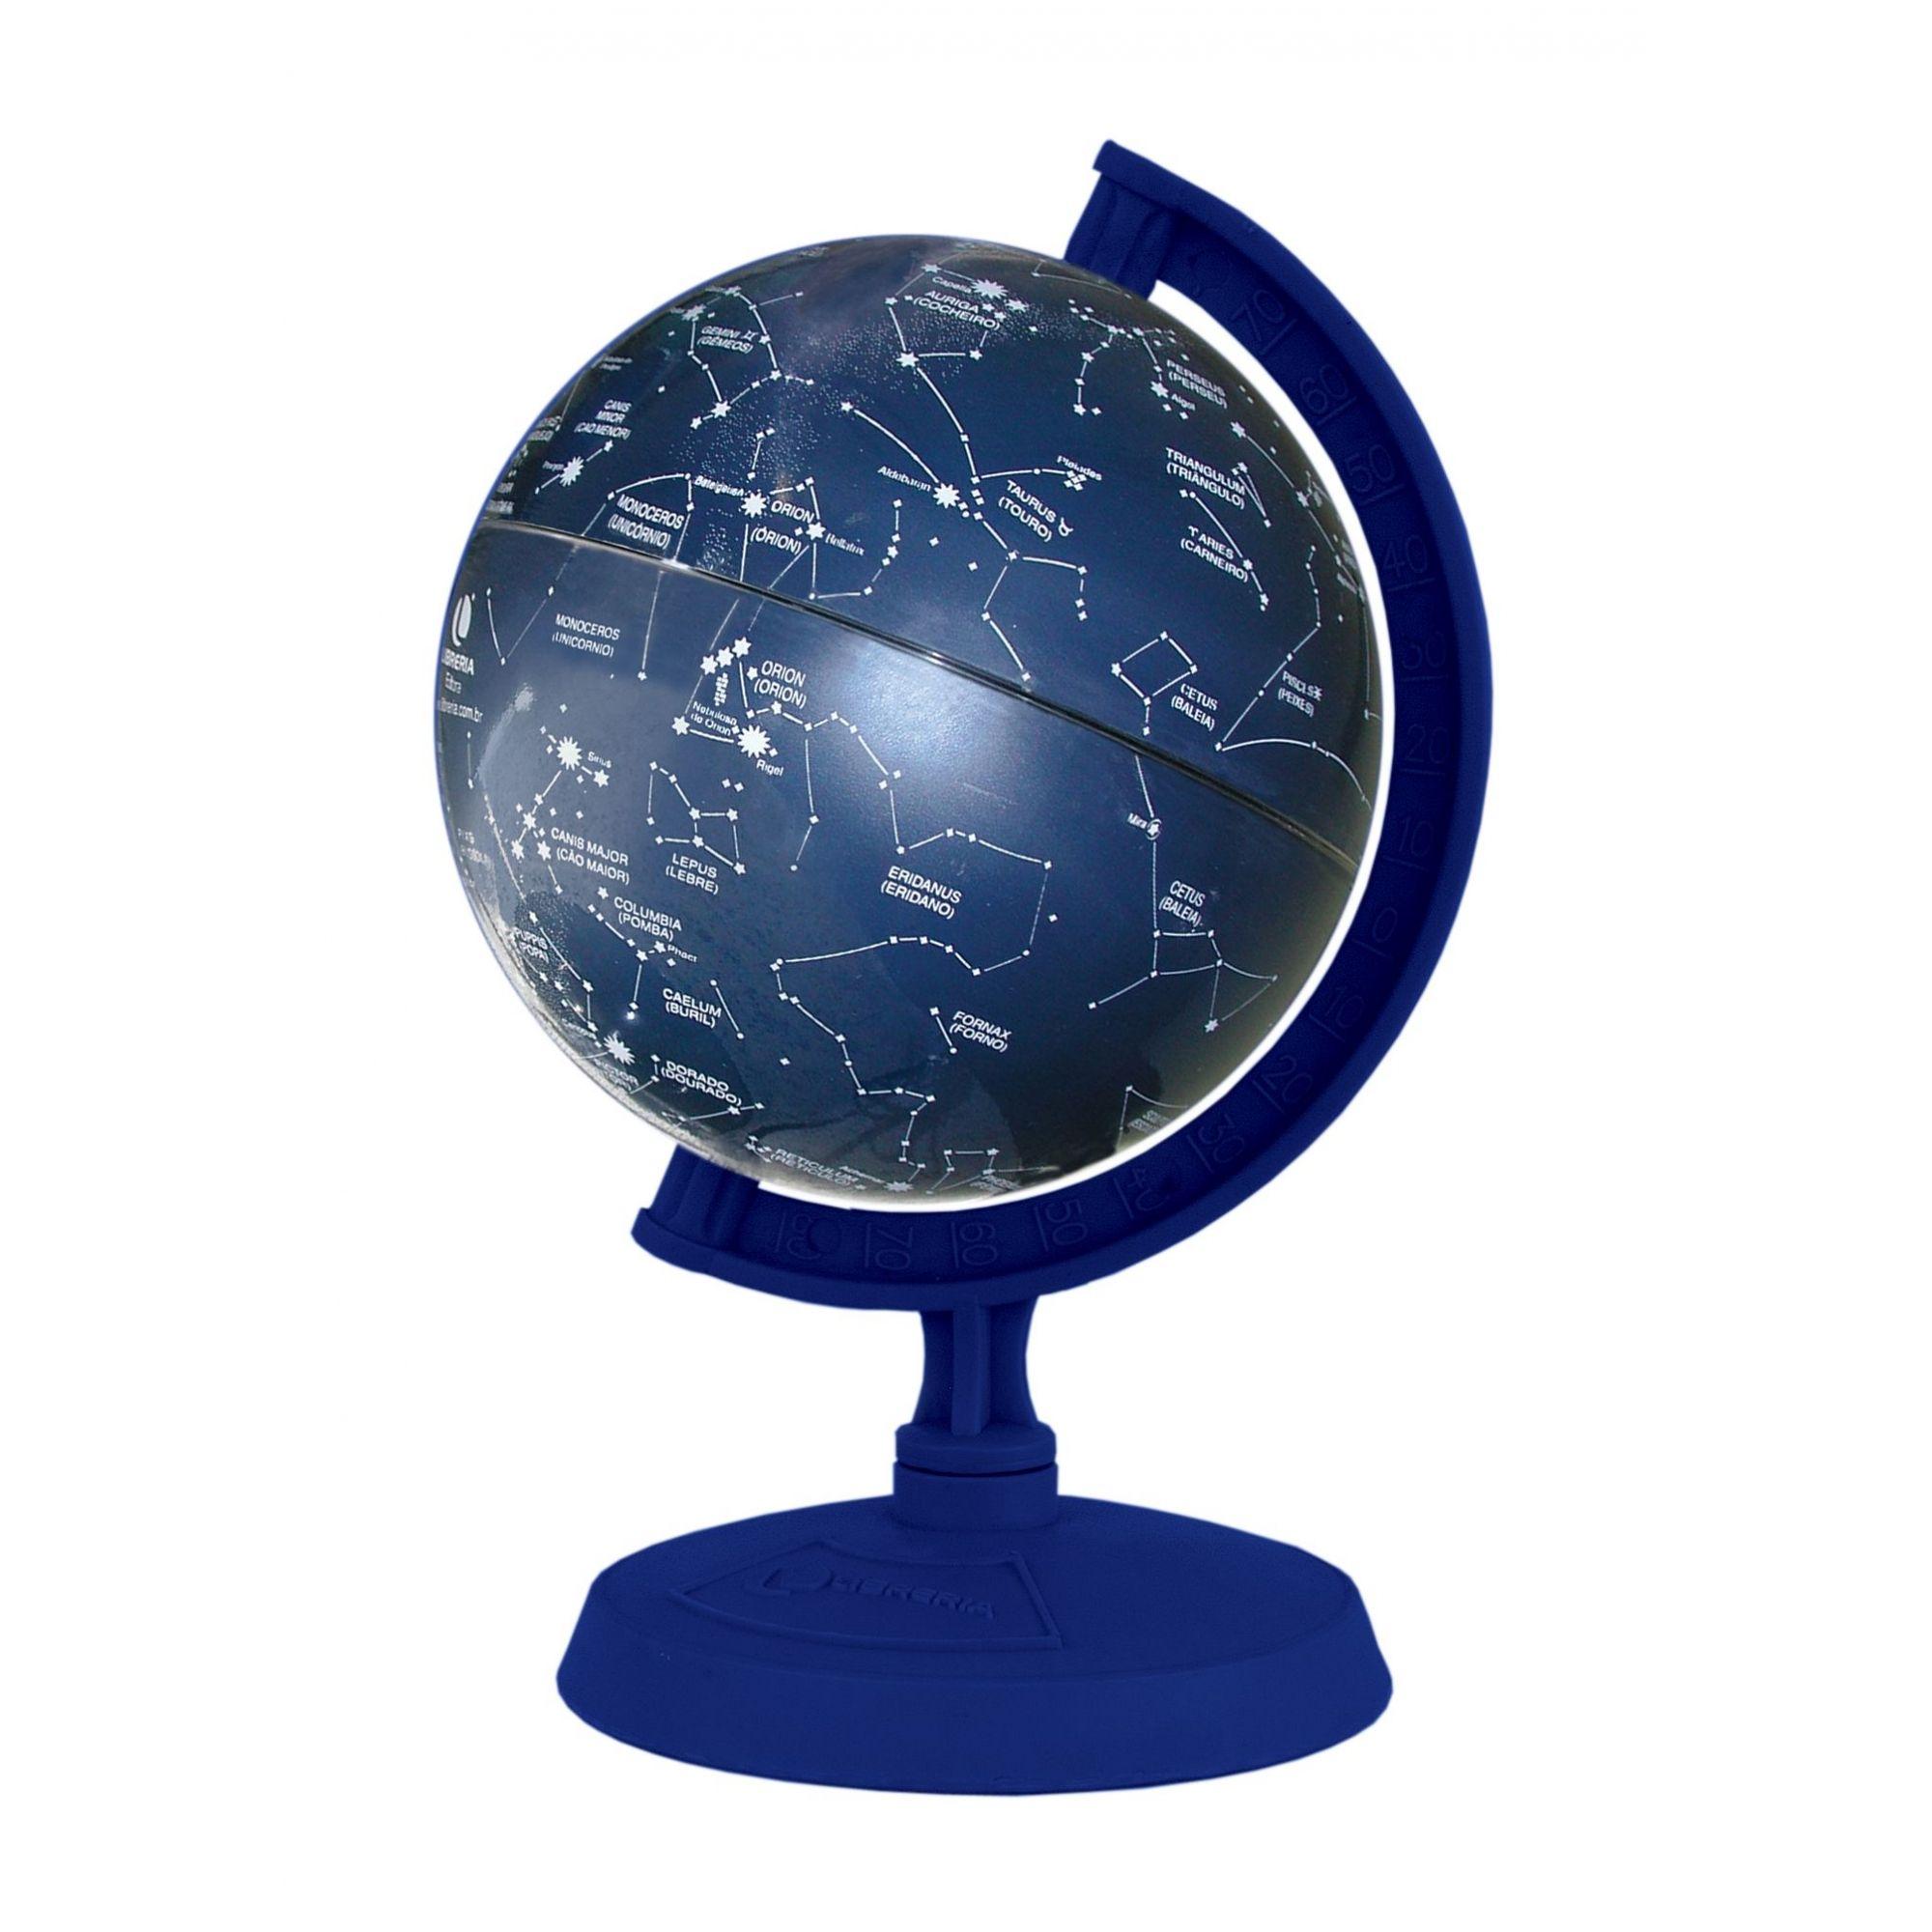 Globo Celeste Libreria 10cm Cielo 312102 Principais Estrelas Base Plástico Azul Royal